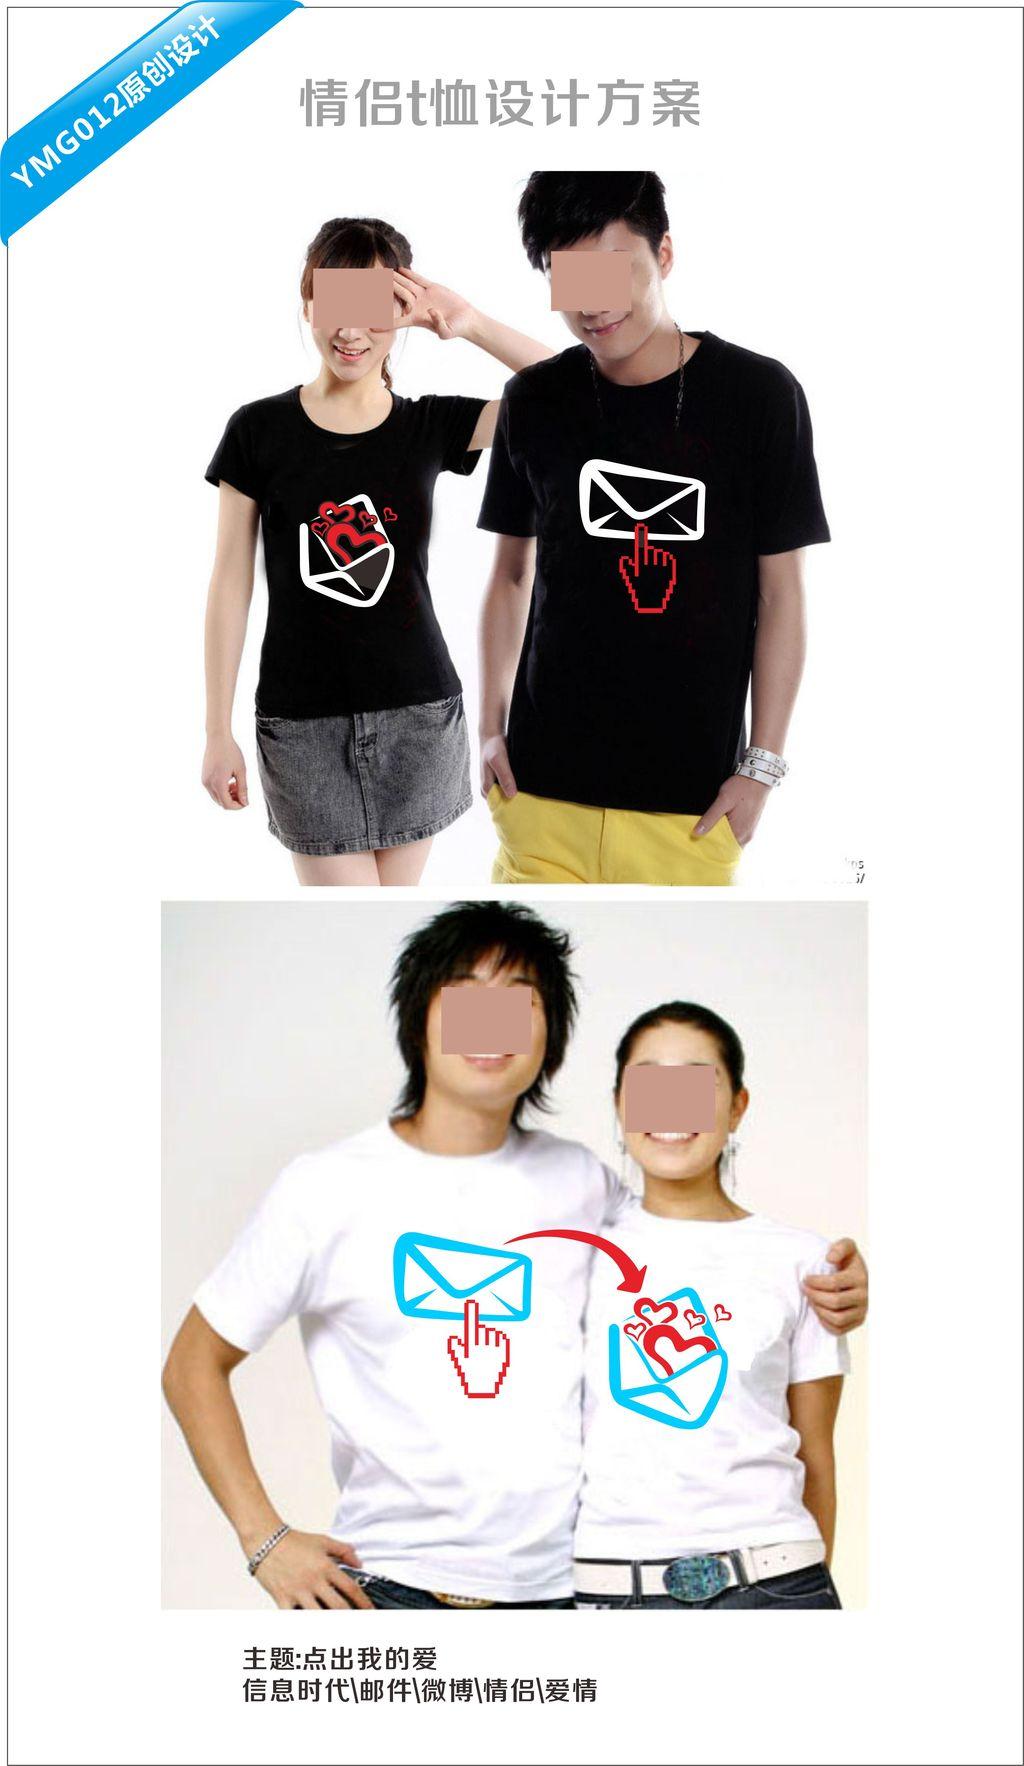 情侣t恤图案设计模板下载(图片编号:12230235)